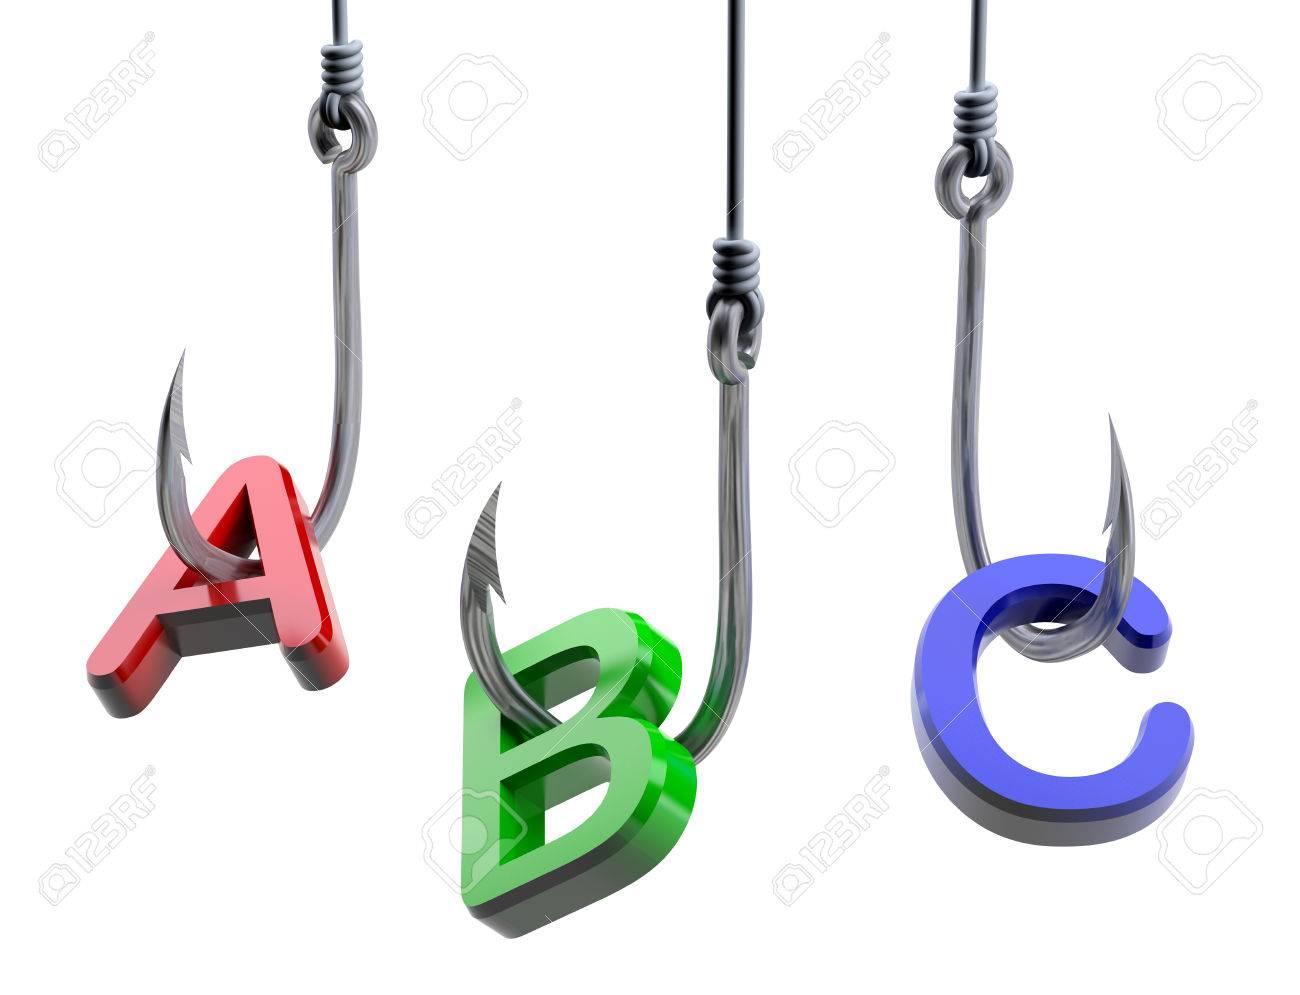 Letters A B C Schudden Op Een Vis Haken Geïsoleerde 3d